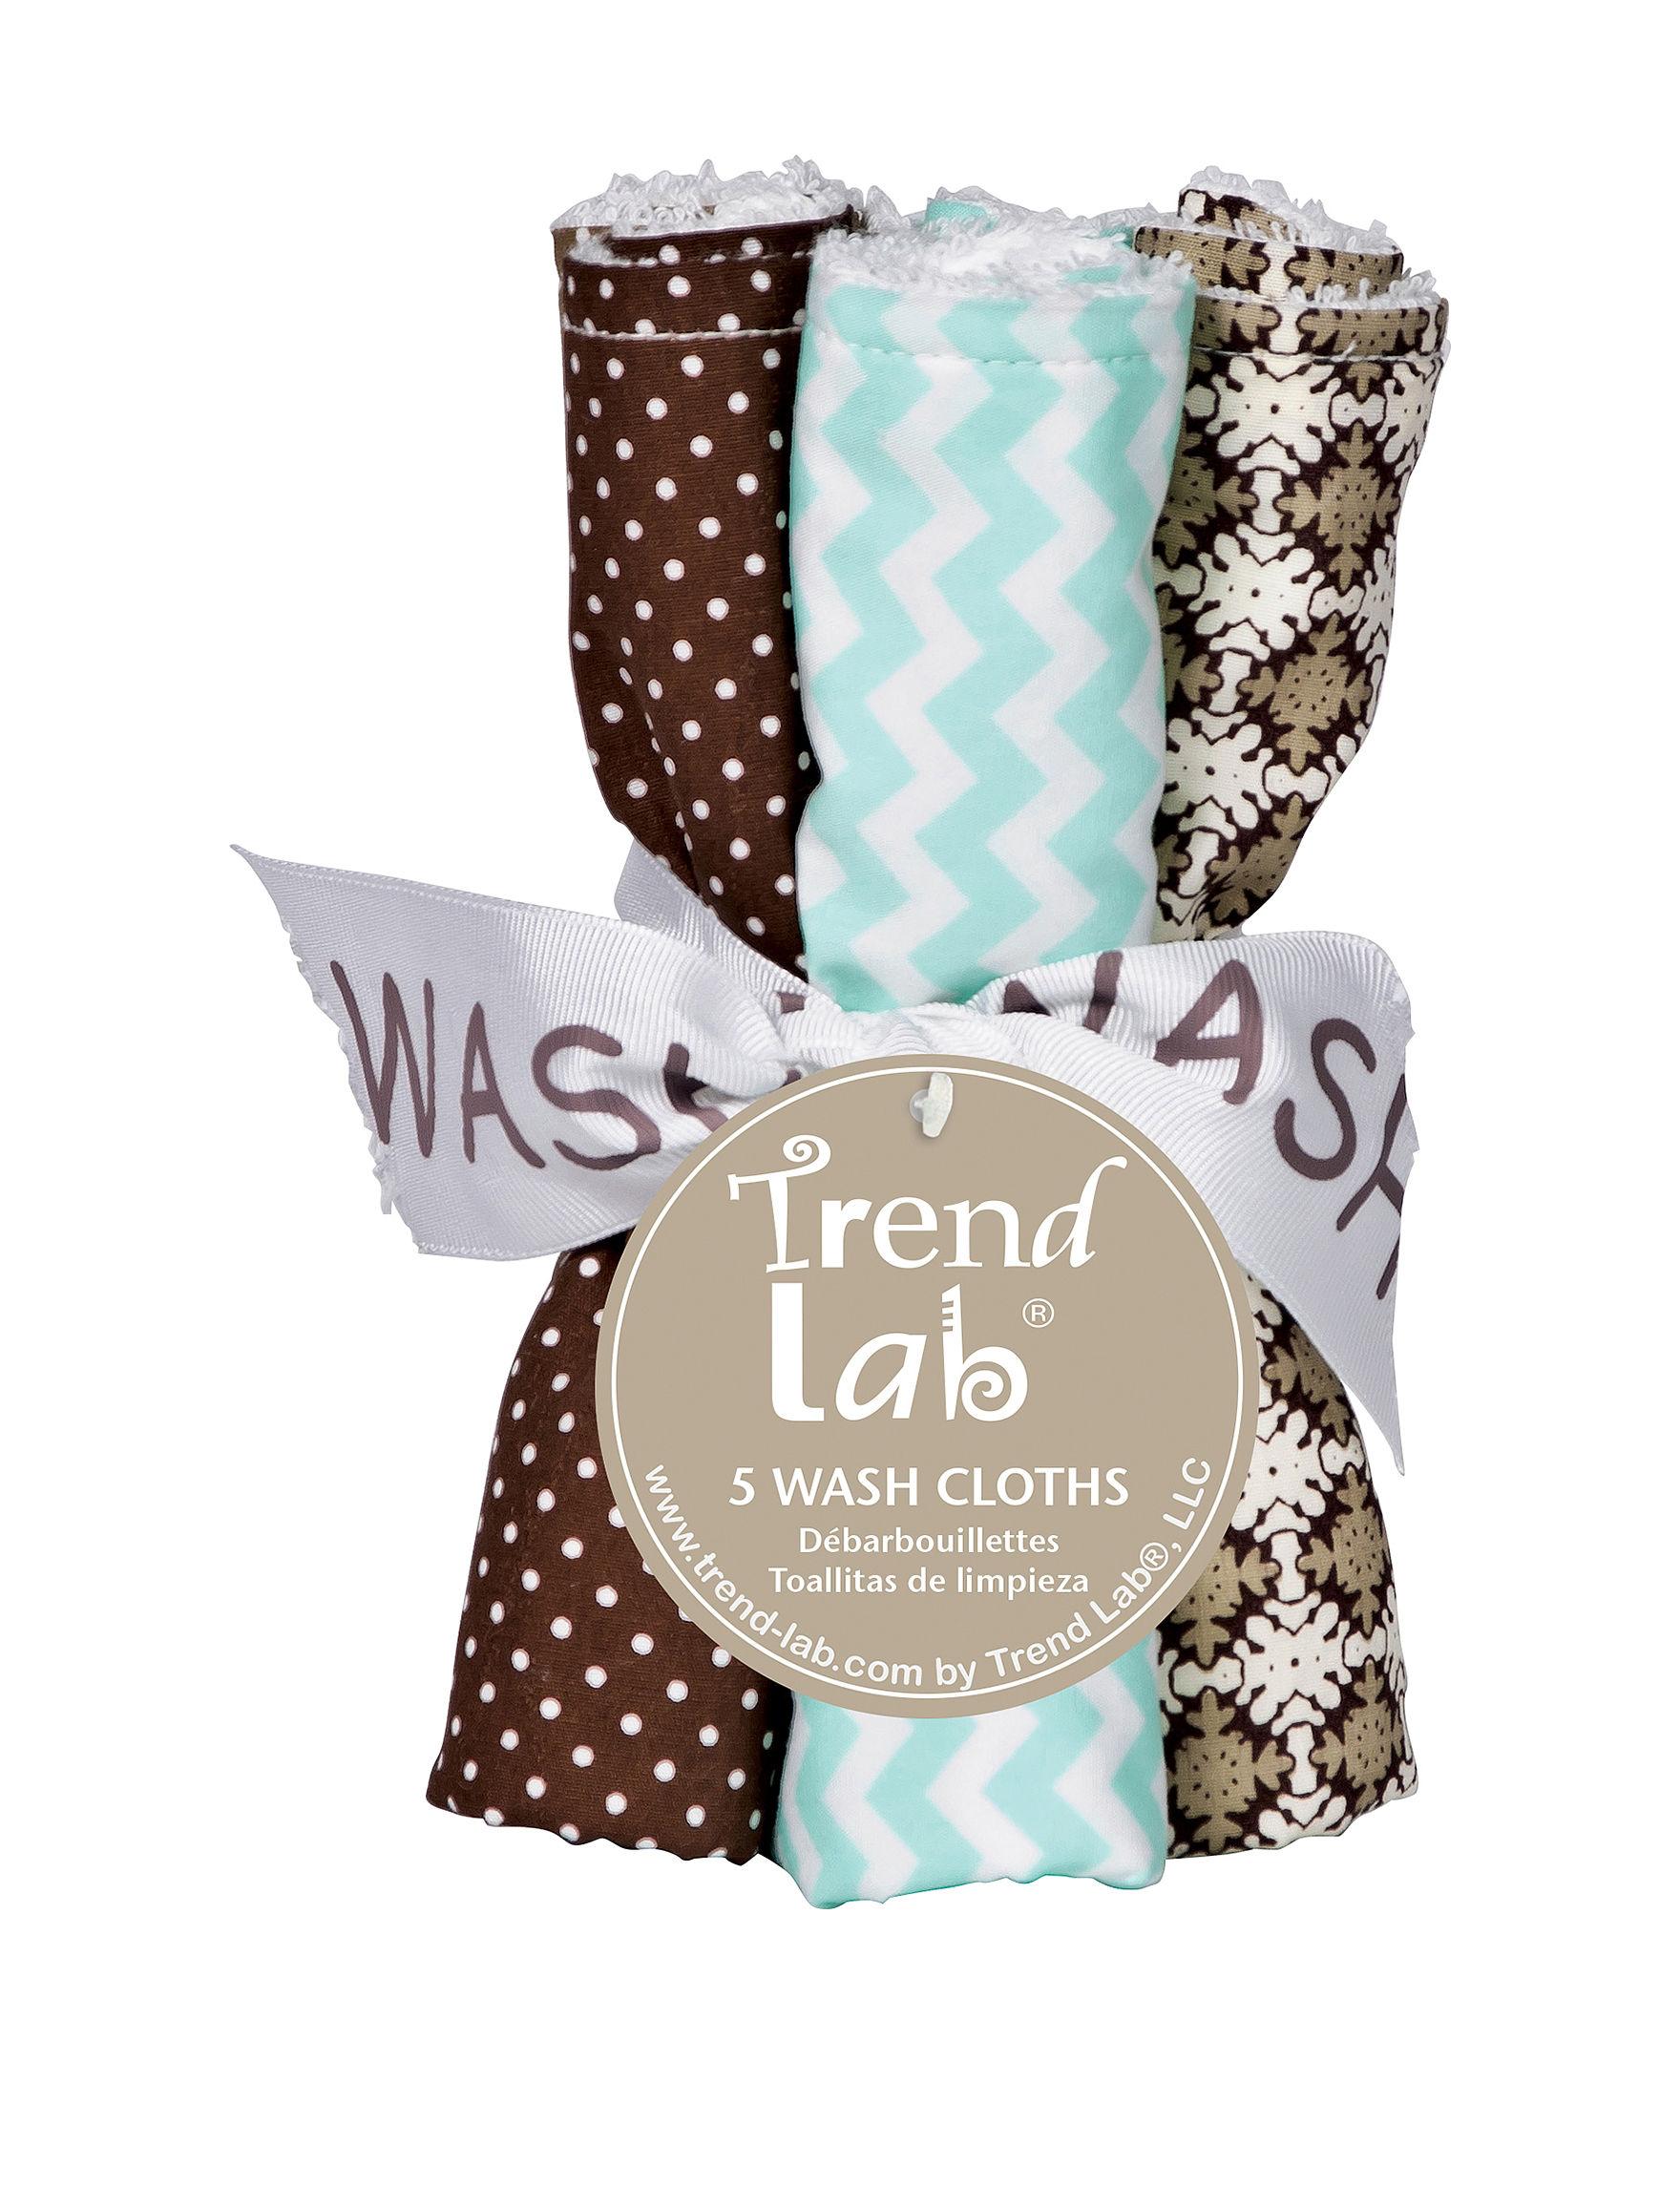 Trend Lab Mint Towels